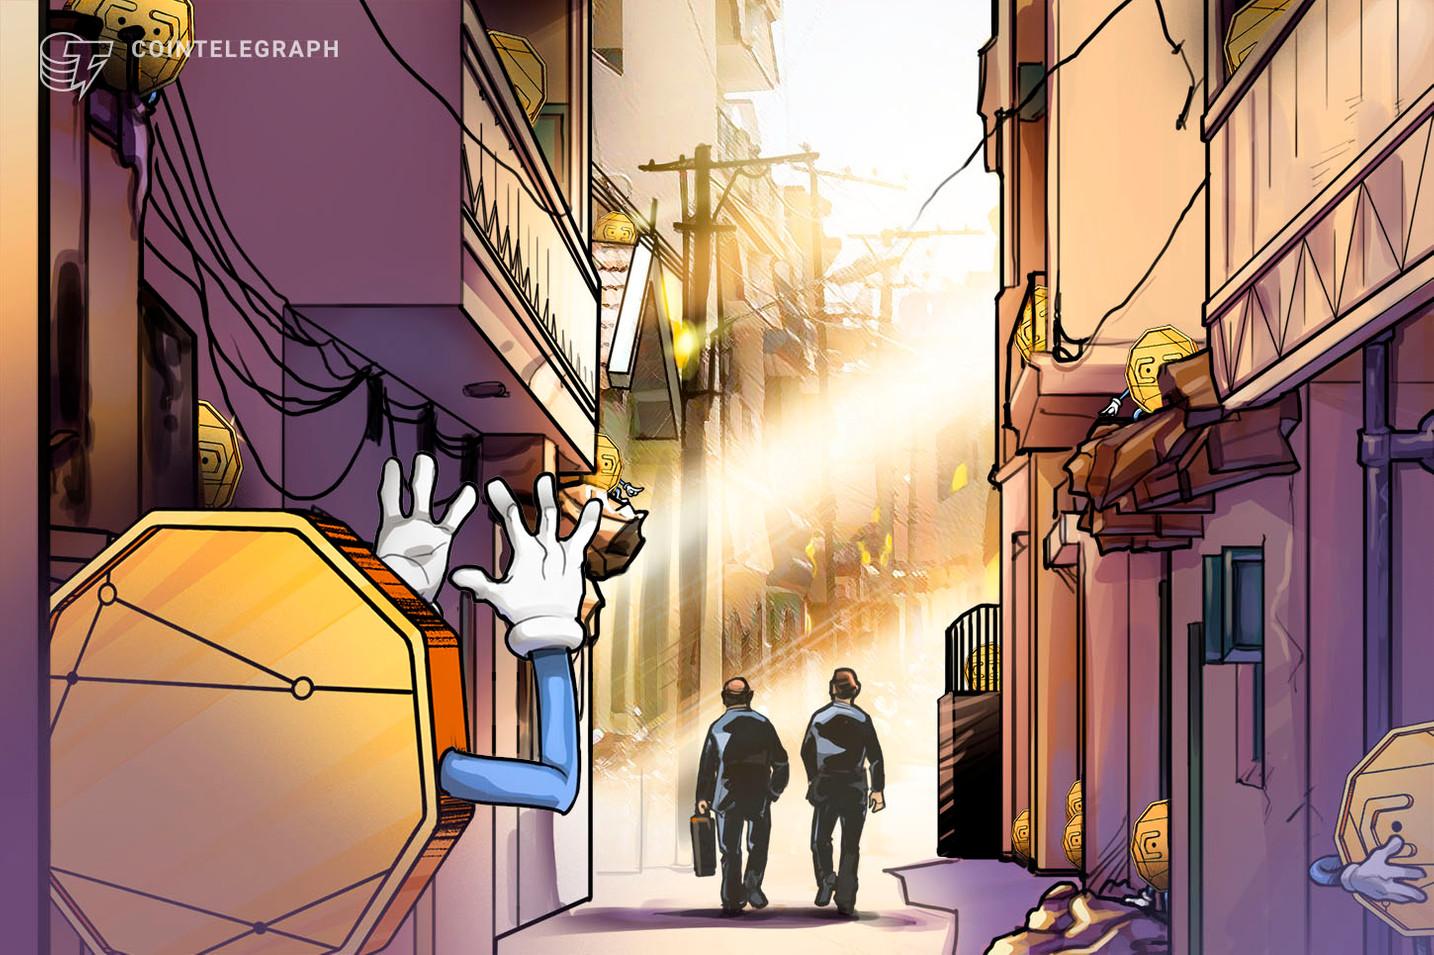 Il governo indiano pianifica di bandire del tutto le criptovalute?